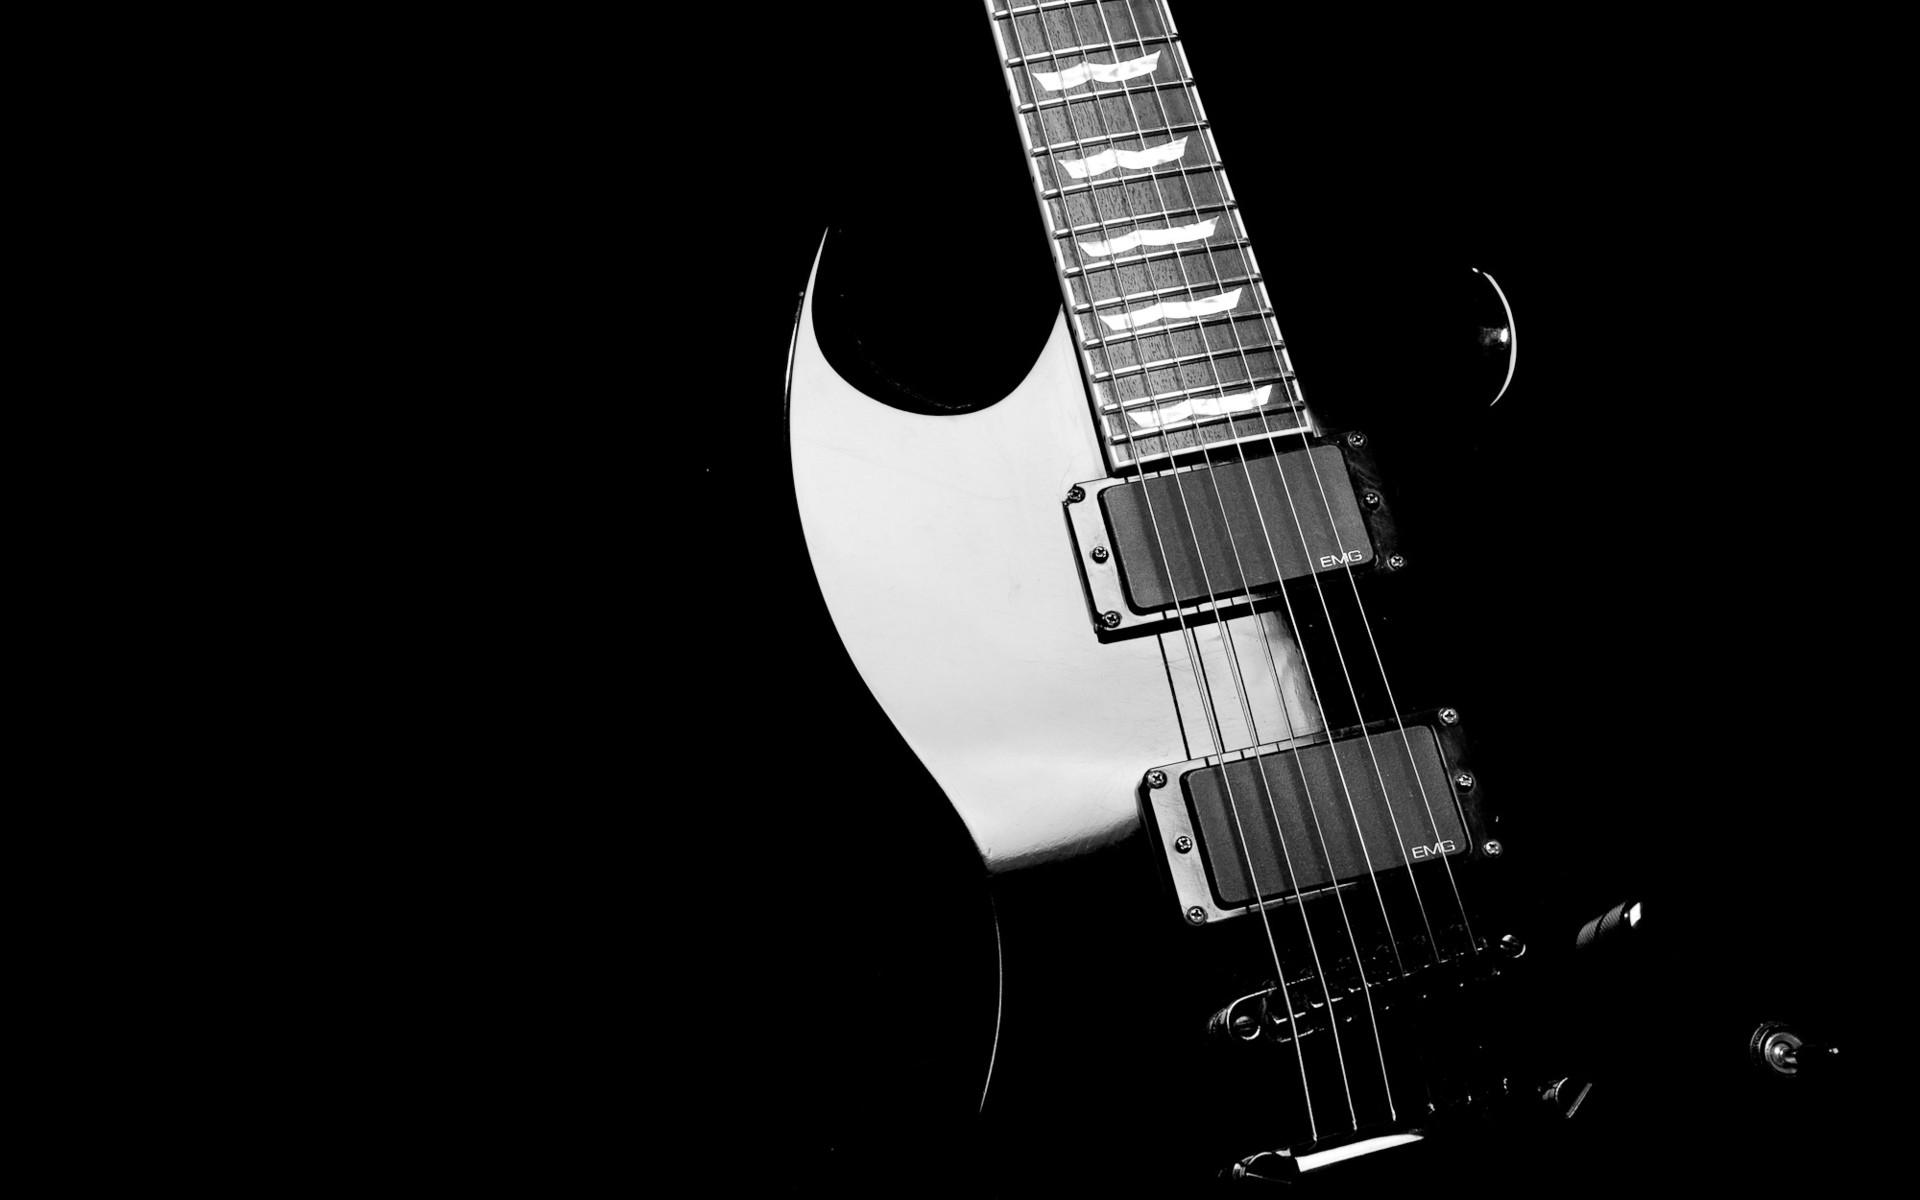 Guitar Desktop Wallpapers Desktop BAckgrounds